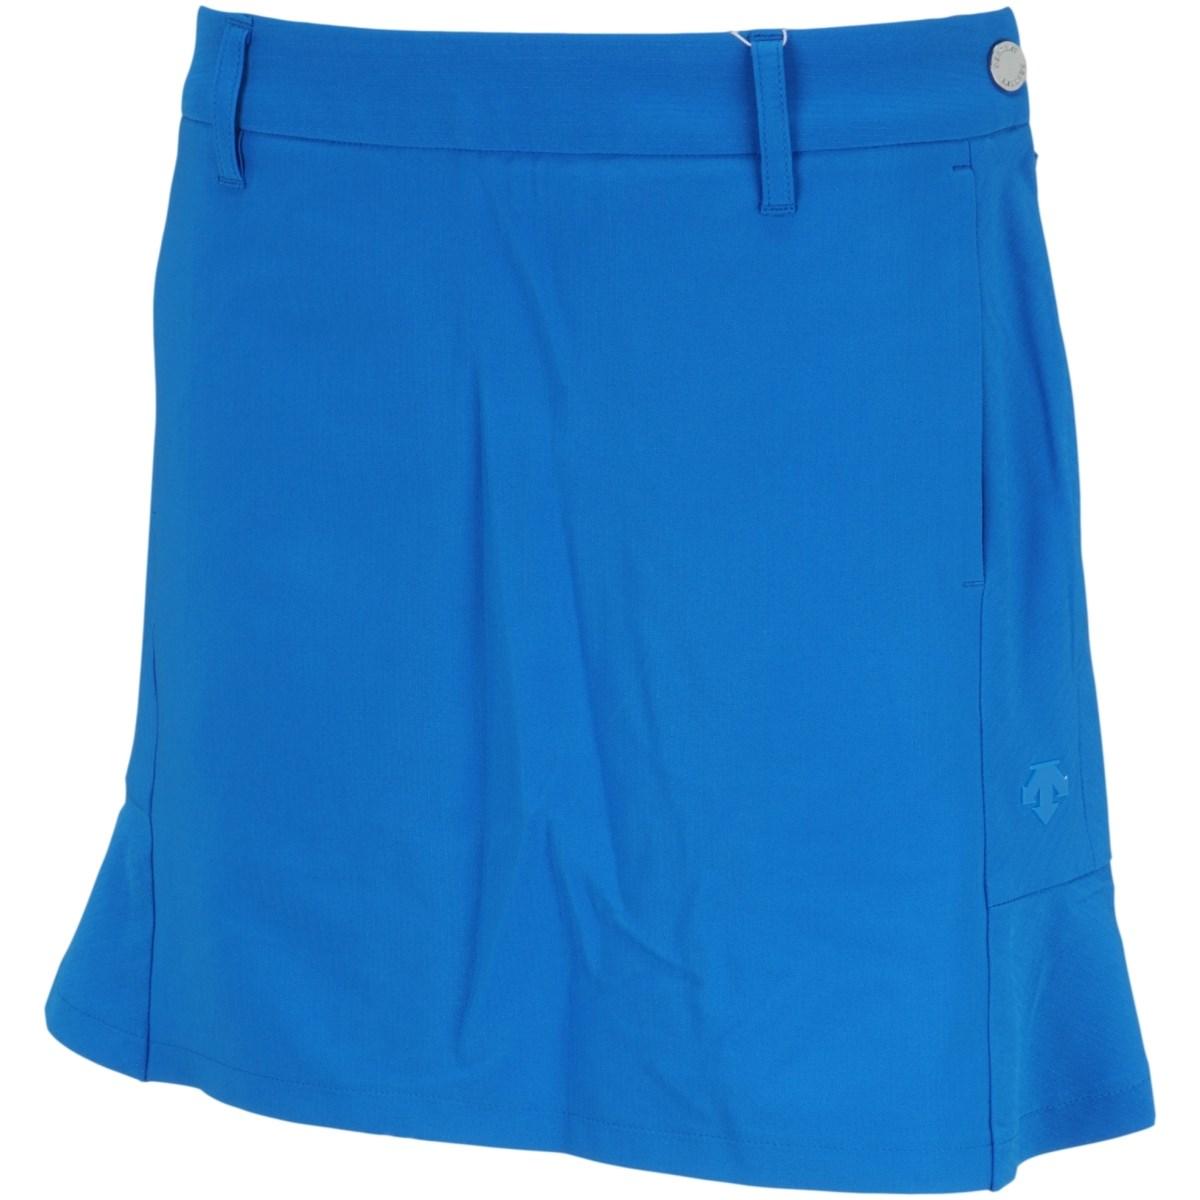 デサントゴルフ DESCENTE GOLF ストレッチシャドーへリンボンスカート 70 ブルー 00 レディス